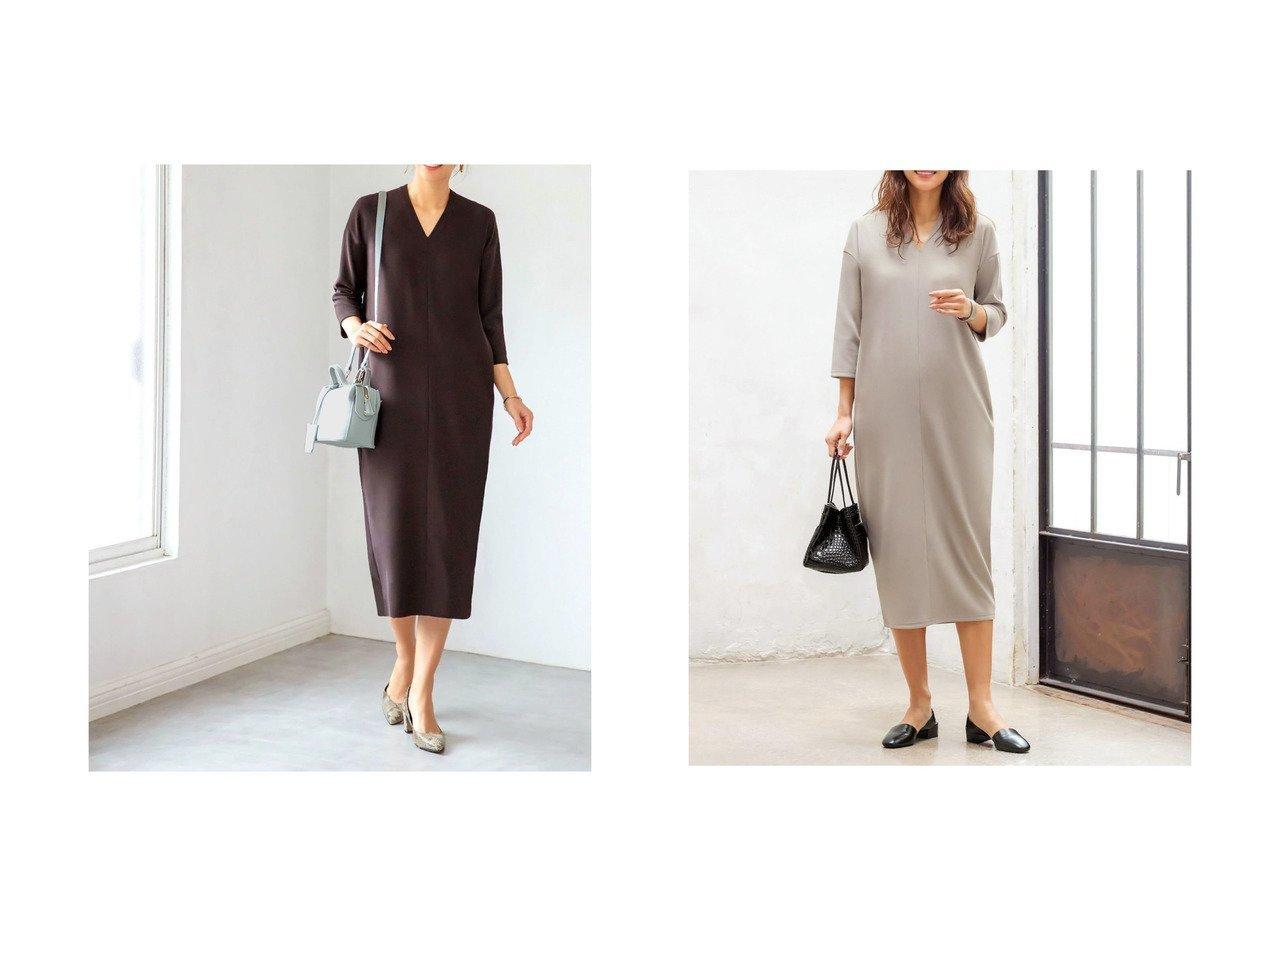 【STYLE DELI/スタイルデリ】の7分袖ライトリラックスVネックワンピース ワンピース・ドレスのおすすめ!人気、トレンド・レディースファッションの通販  おすすめで人気の流行・トレンド、ファッションの通販商品 メンズファッション・キッズファッション・インテリア・家具・レディースファッション・服の通販 founy(ファニー) https://founy.com/ ファッション Fashion レディースファッション WOMEN ワンピース Dress インナー 春 Spring 秋 Autumn/Fall カットソー ショルダー ストレッチ スニーカー ドロップ 人気 フォルム ベーシック ペチコート ポケット ミモレ リラックス |ID:crp329100000022743